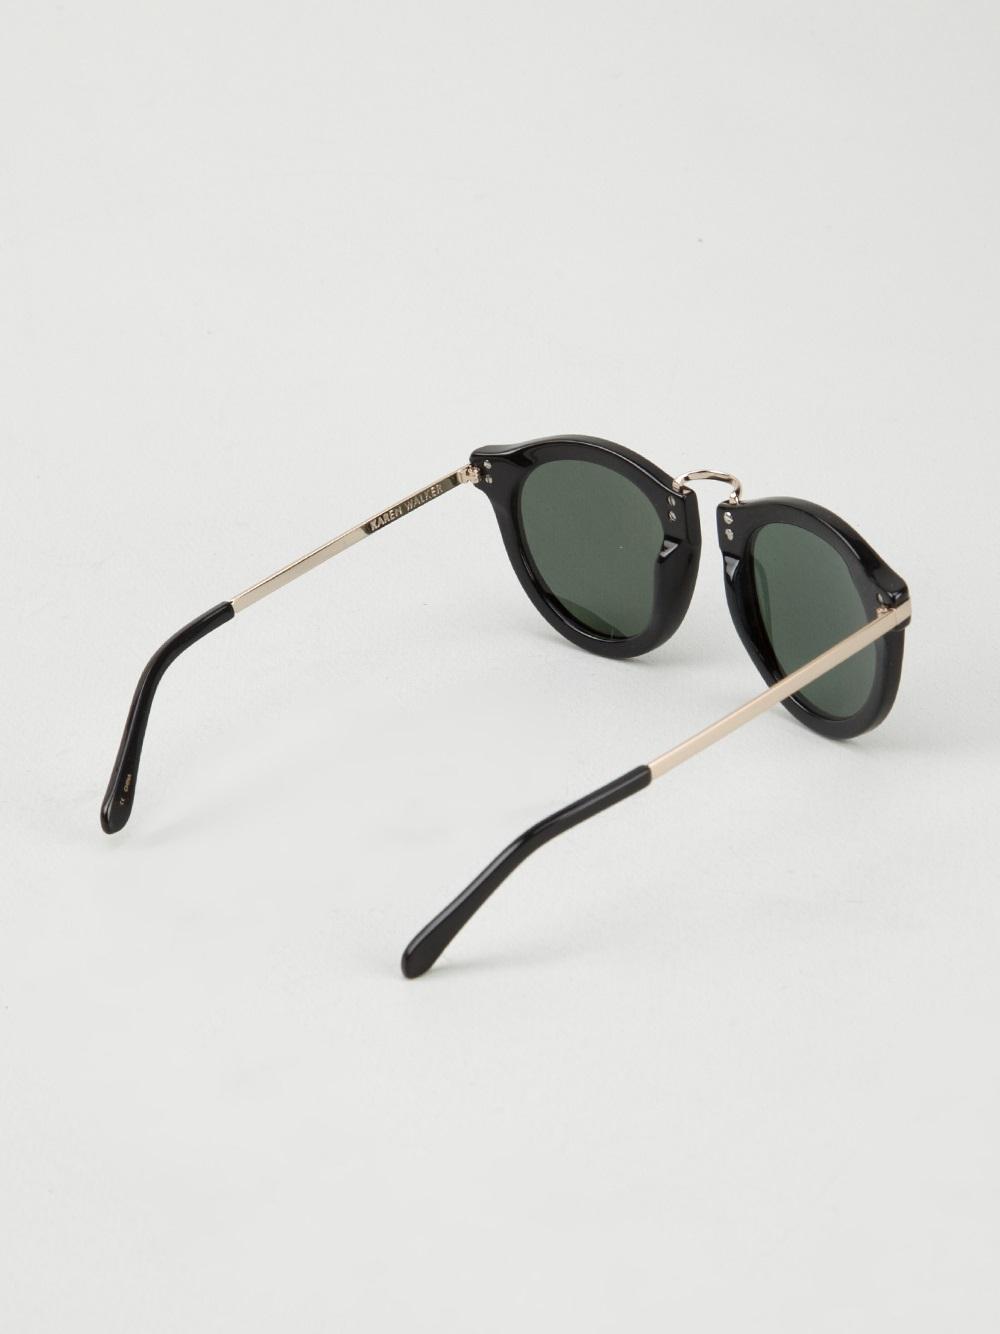 f7de2393ef87 RESERVED Karen Walker Harvest Source · Lyst Karen Walker Harvest Sunglasses  in Black